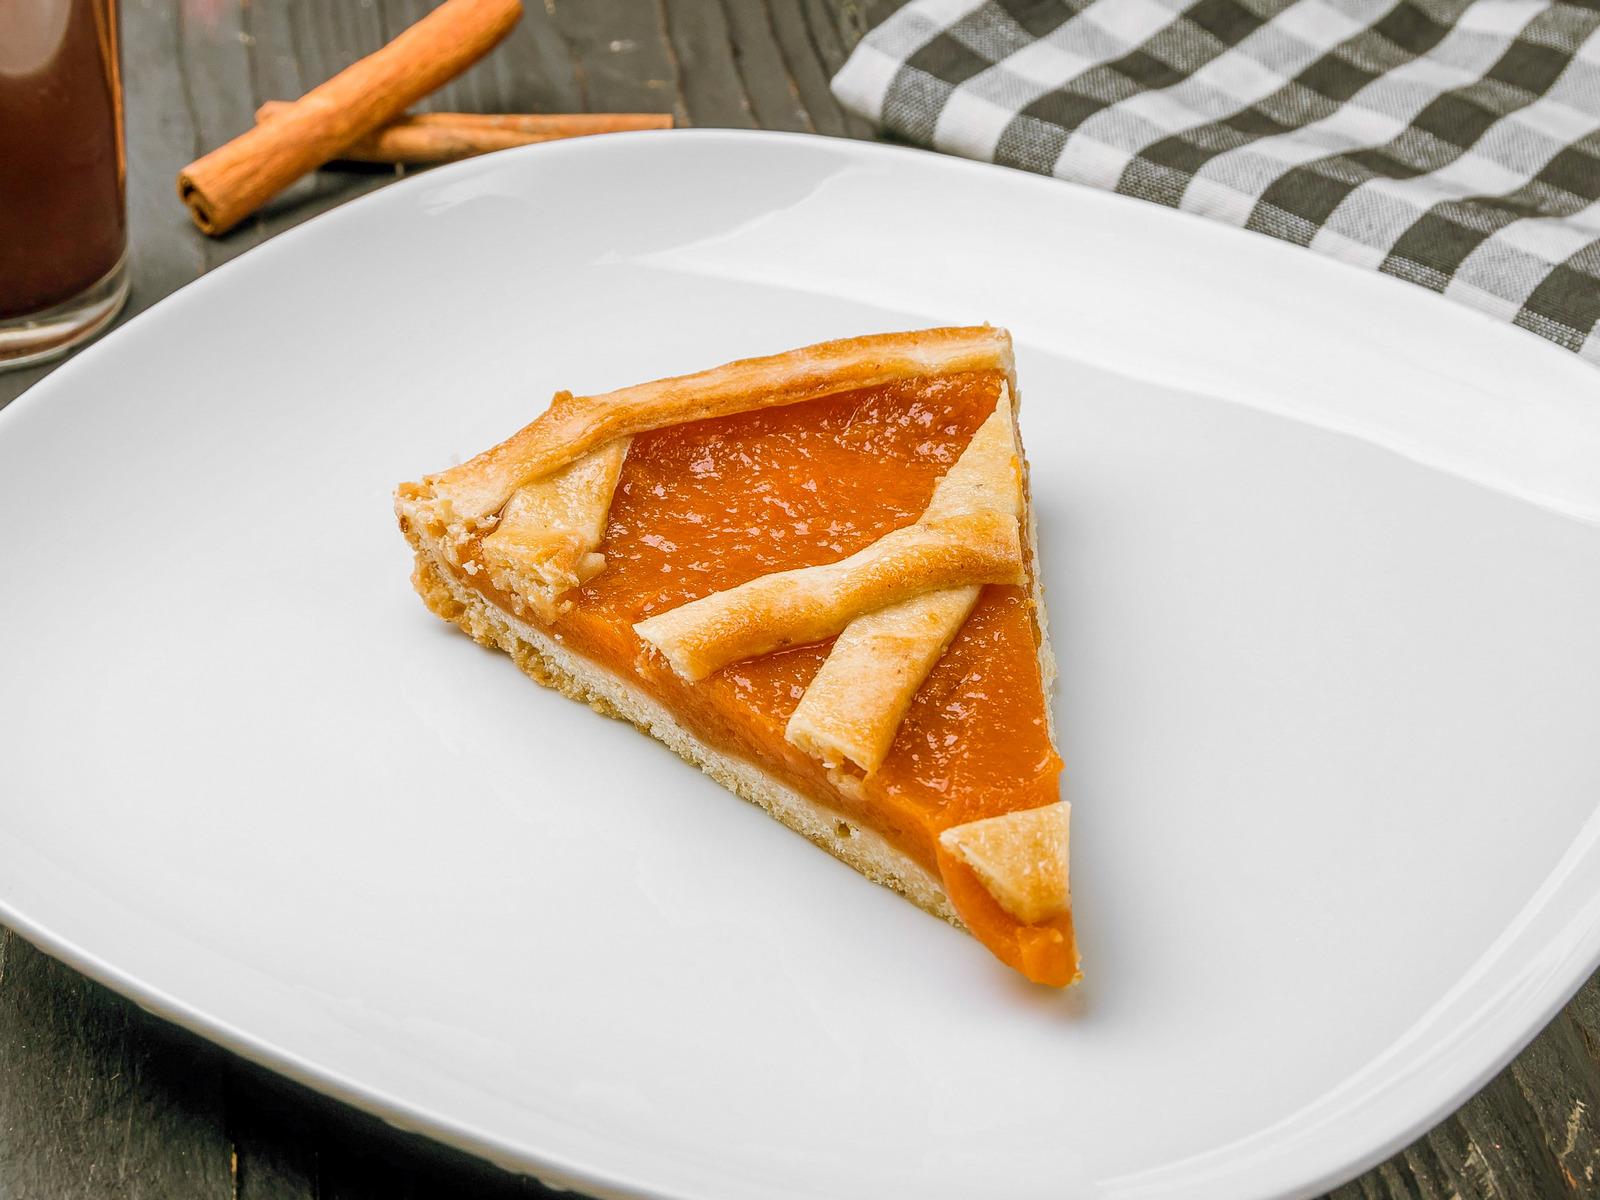 Десерт Паста Фрола де Батата